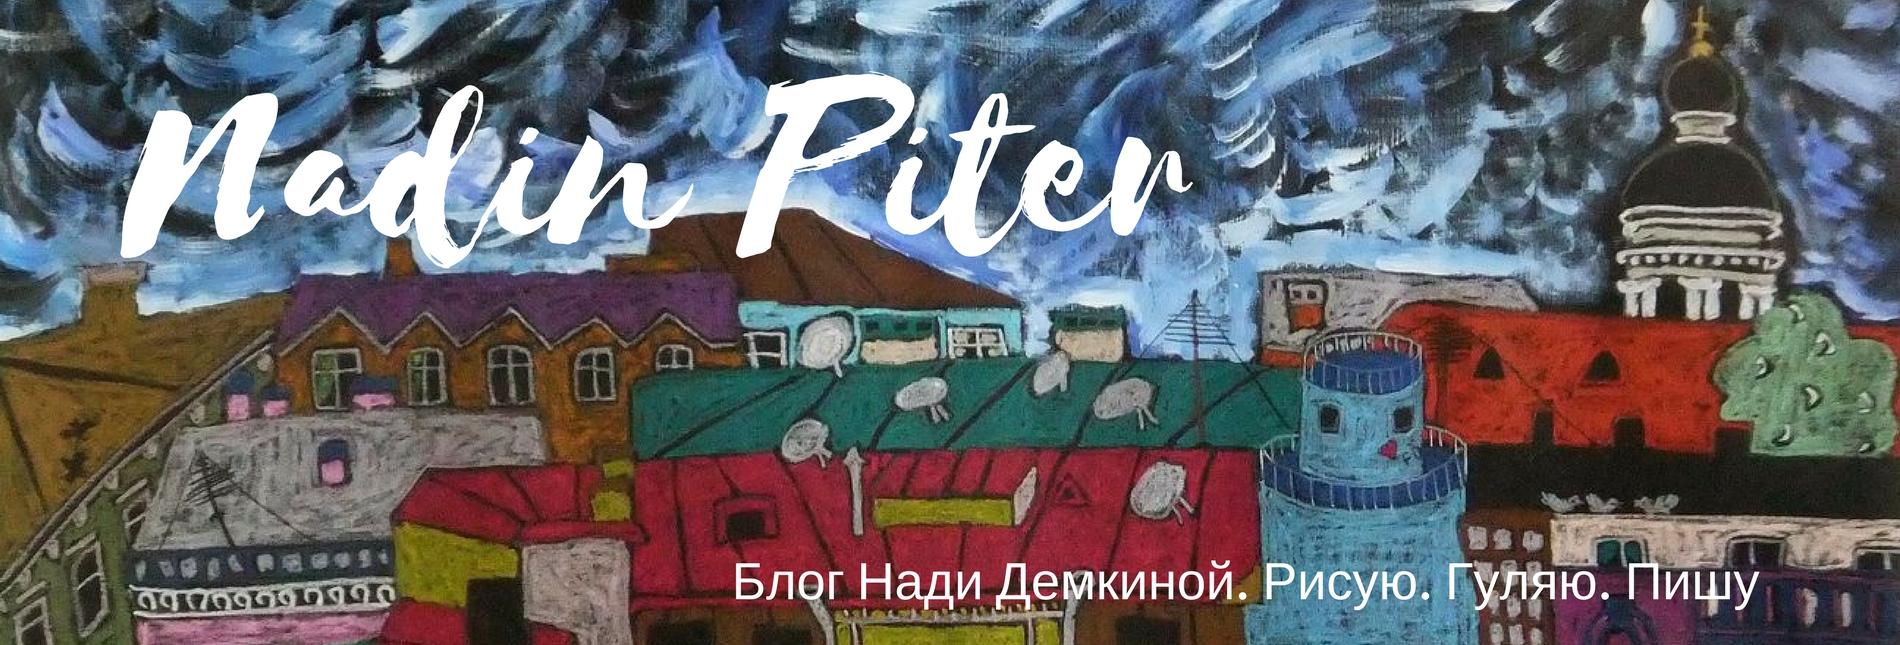 Надин Питер